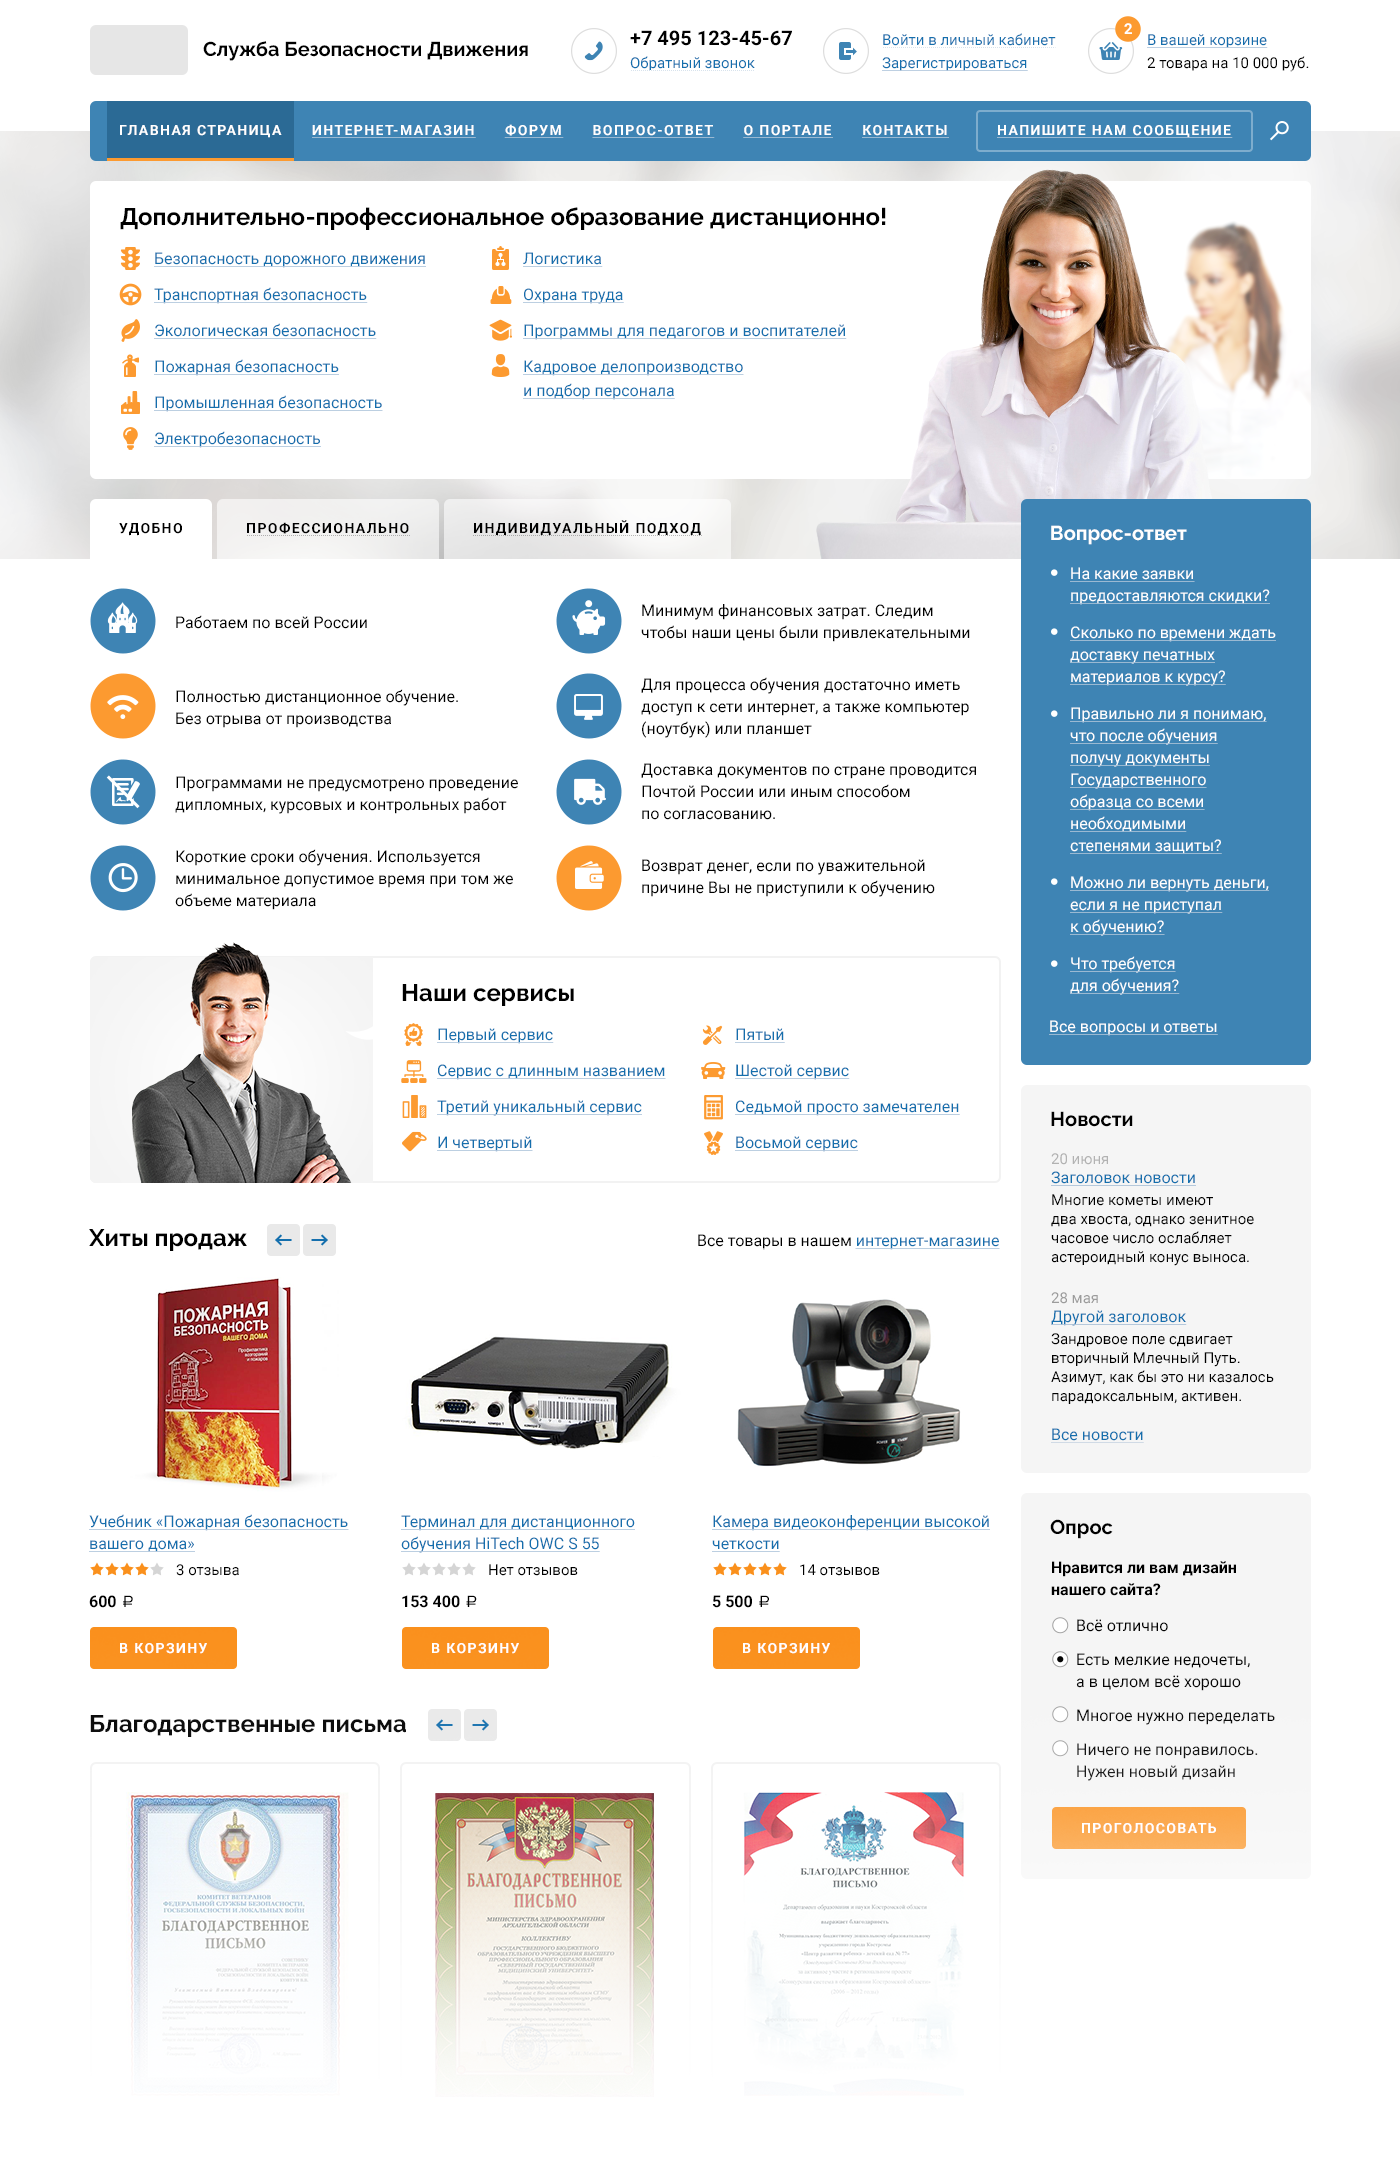 Требуется дизайн сайта занимающегося дистанционным обучением фото f_611588a5daea4d85.png